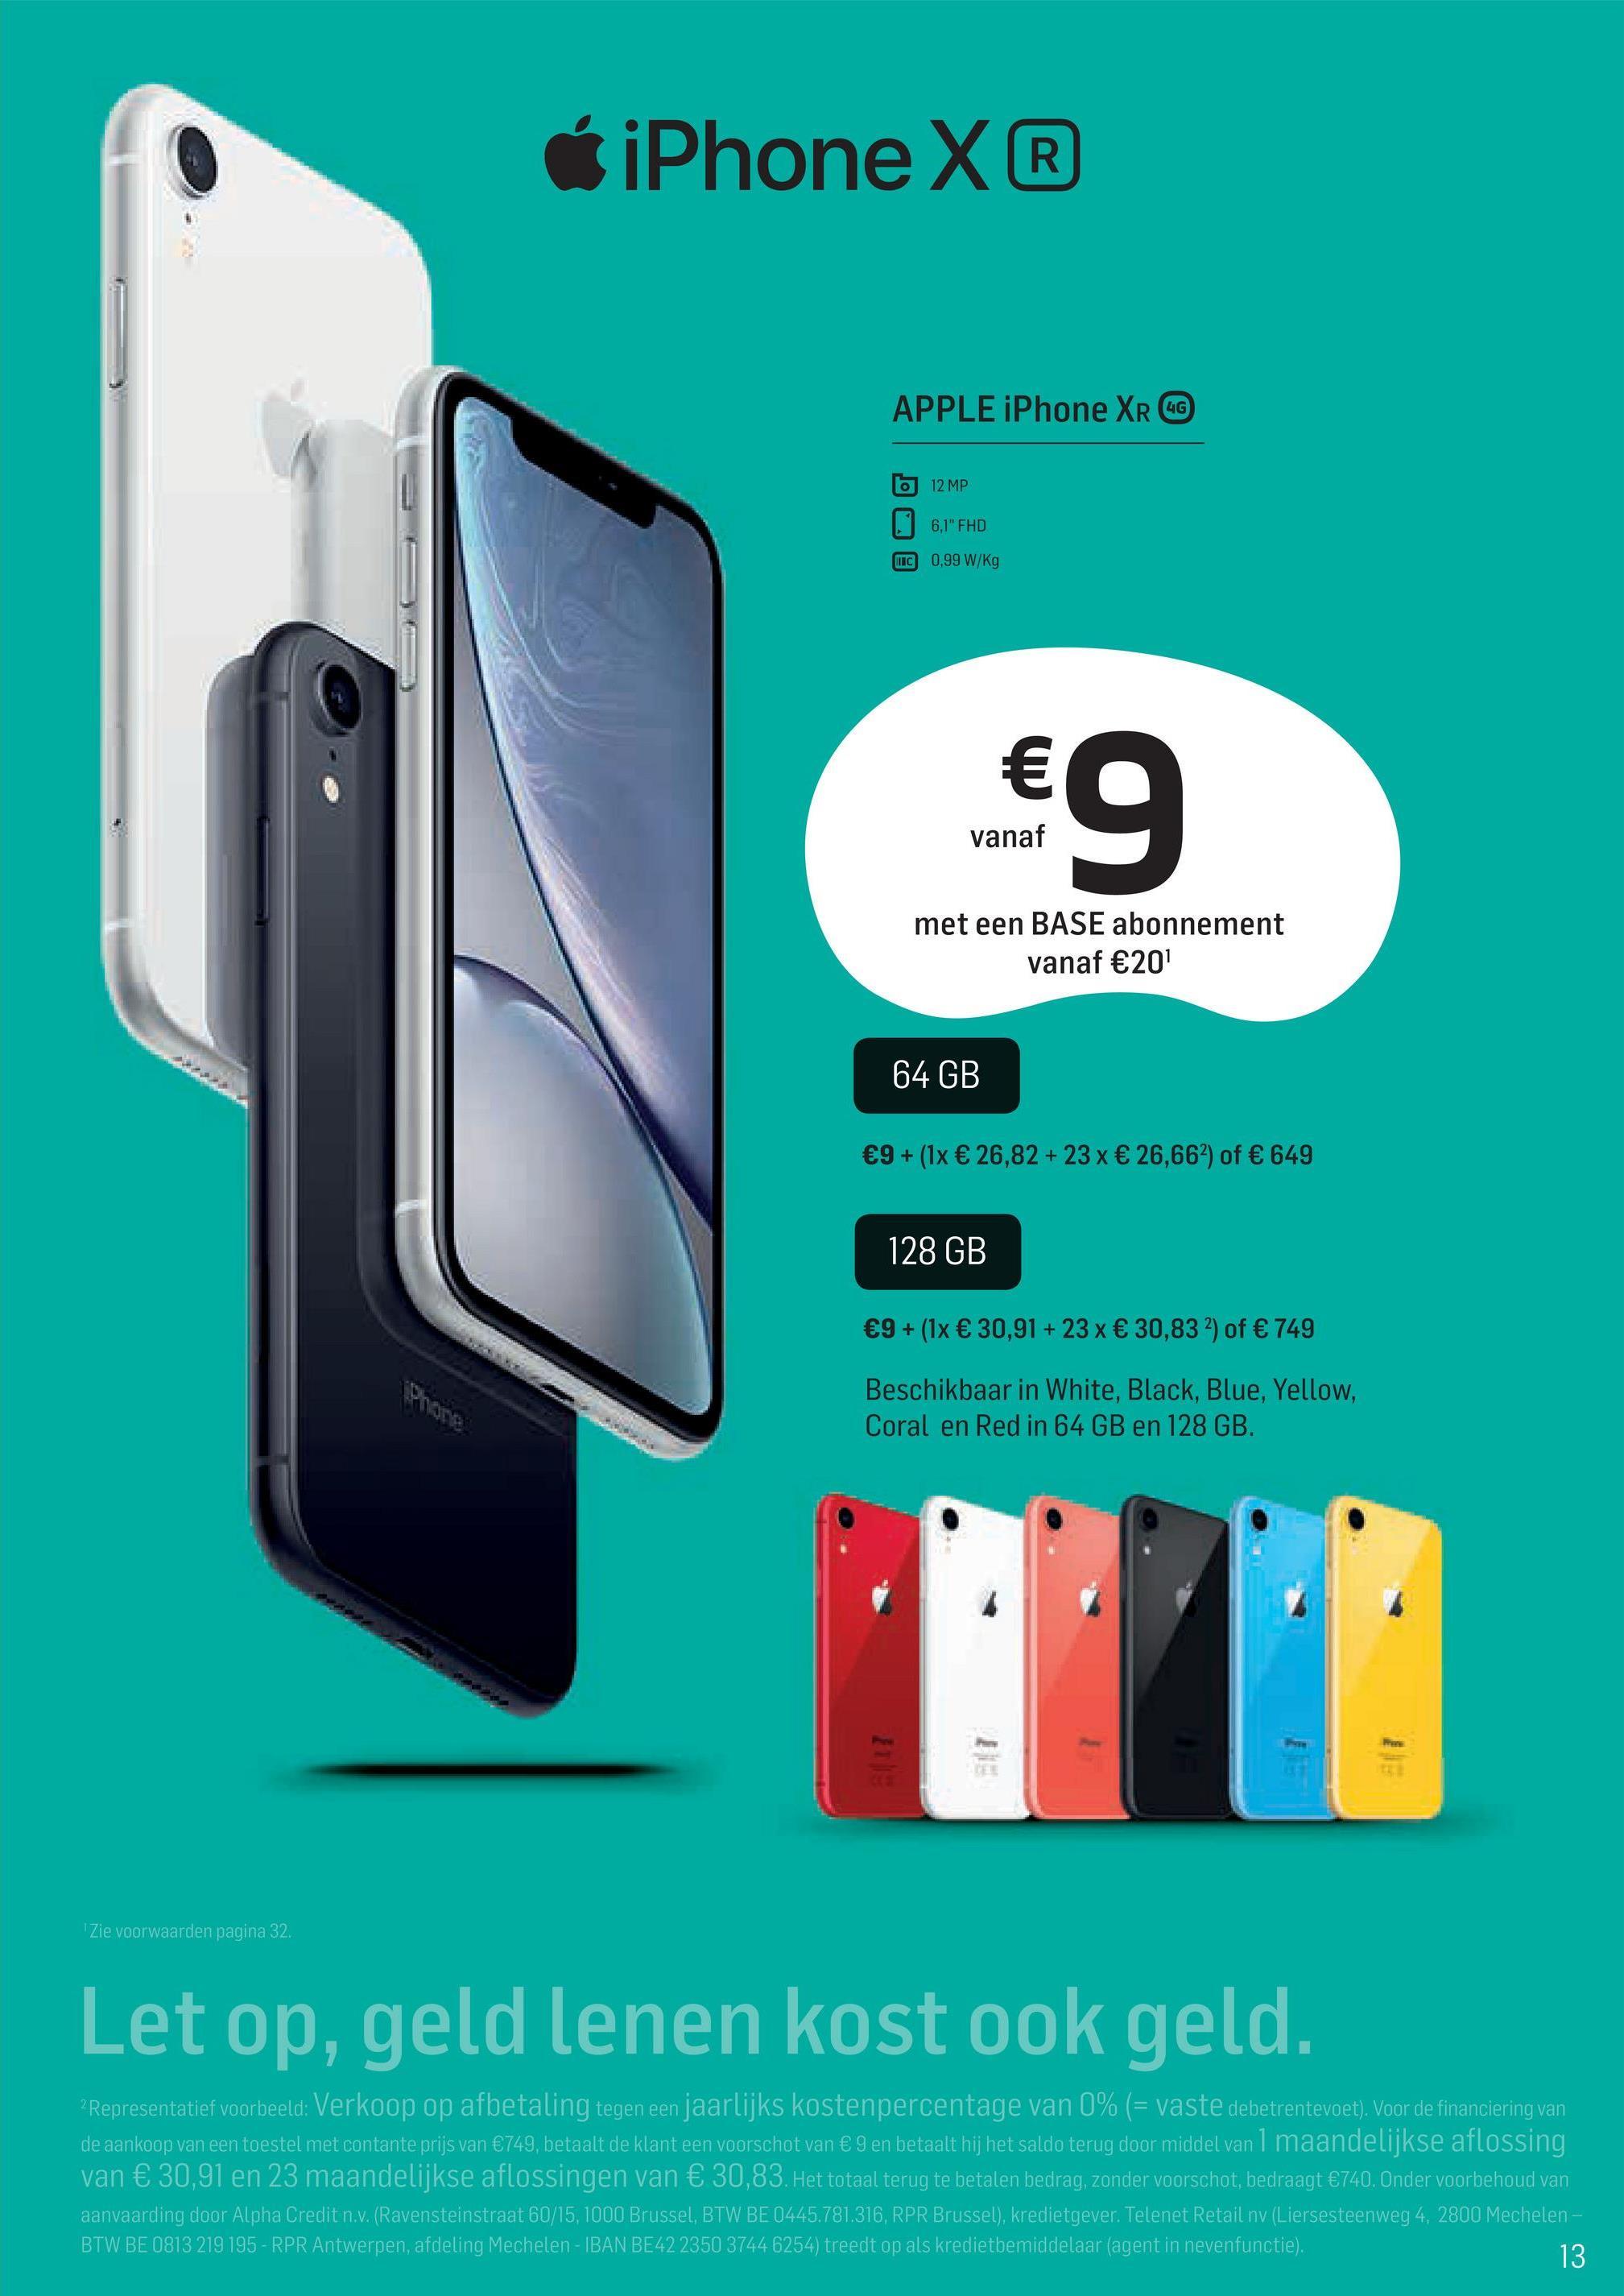 """6 iPhone X® APPLE iPhone XR OG 6 12 MP 6,1"""" FHD HC 0,99 W/kg € 0 vanaf met een BASE abonnement vanaf €20 64 GB €9+ (1x € 26,82 + 23% € 26,662) of € 649 128 GB €9+ (1x € 30,91 + 23 x € 30,83 2) of € 749 Beschikbaar in White, Black, Blue, Yellow, Coral en Red in 64 GB en 128 GB. Zie voorwaarden pagina 32 Let op, geld lenen kost ook geld. 2 Representatief voorbeeld: Verkoop op afbetaling tegen een jaarlijks kostenpercentage van 0% (= vaste debetrentevoet). Voor de financiering van de aankoop van een toestel met contante prijs van €749, betaalt de klant een voorschot van € 9 en betaalt hij het saldo terug door middel van 1 maandelijkse aflossing van € 30,91 en 23 maandelijkse aflossingen van € 30,83. Het totaal terug te betalen bedrag, zonder voorschot, bedraagt €740. Onder voorbehoud van aanvaarding door Alpha Credit n.v. (Ravensteinstraat 60/15, 1000 Brussel, BTW BE 0445.781.316, RPR Brussel), kredietgever. Telenet Retail nv (Liersesteenweg 4, 2800 Mechelen- BTW BE 0813 219 195 - RPR Antwerpen, afdeling Mechelen - IBAN BE422350 3744 6254) treedt op als kredietbemiddelaar (agent in nevenfunctie). 13"""